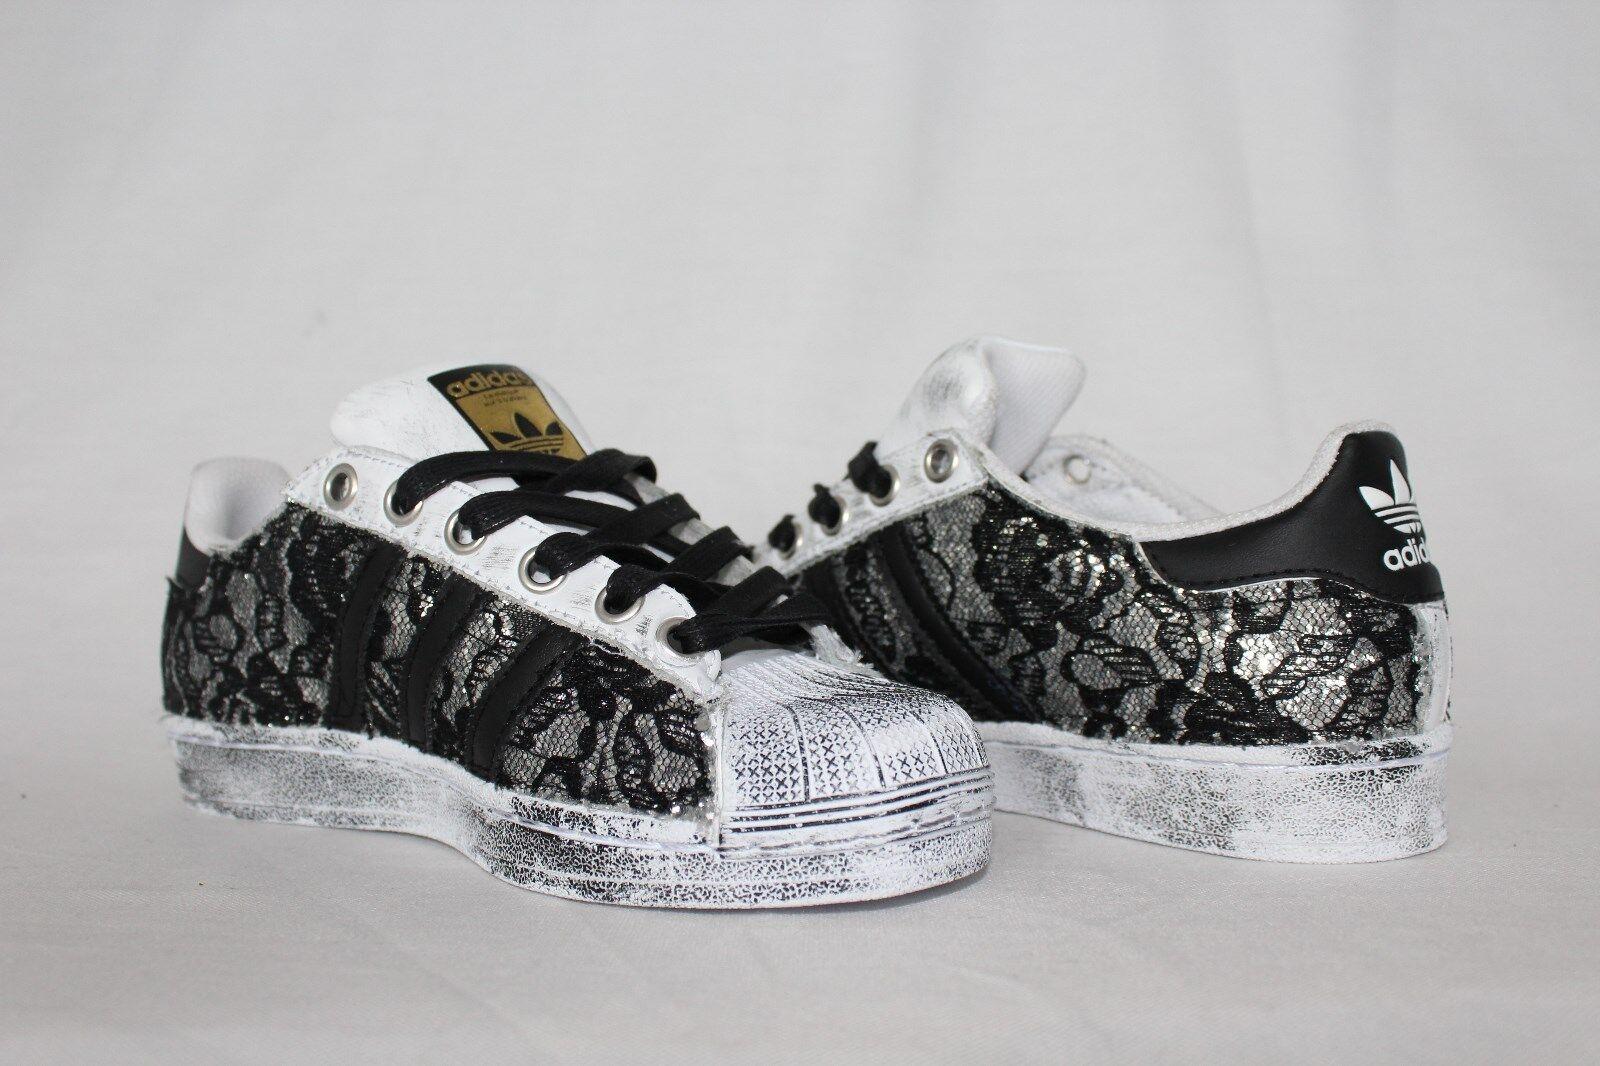 chaussures adidas glitter super star con glitter adidas argento con pizzo nero e sporcatura e70e20